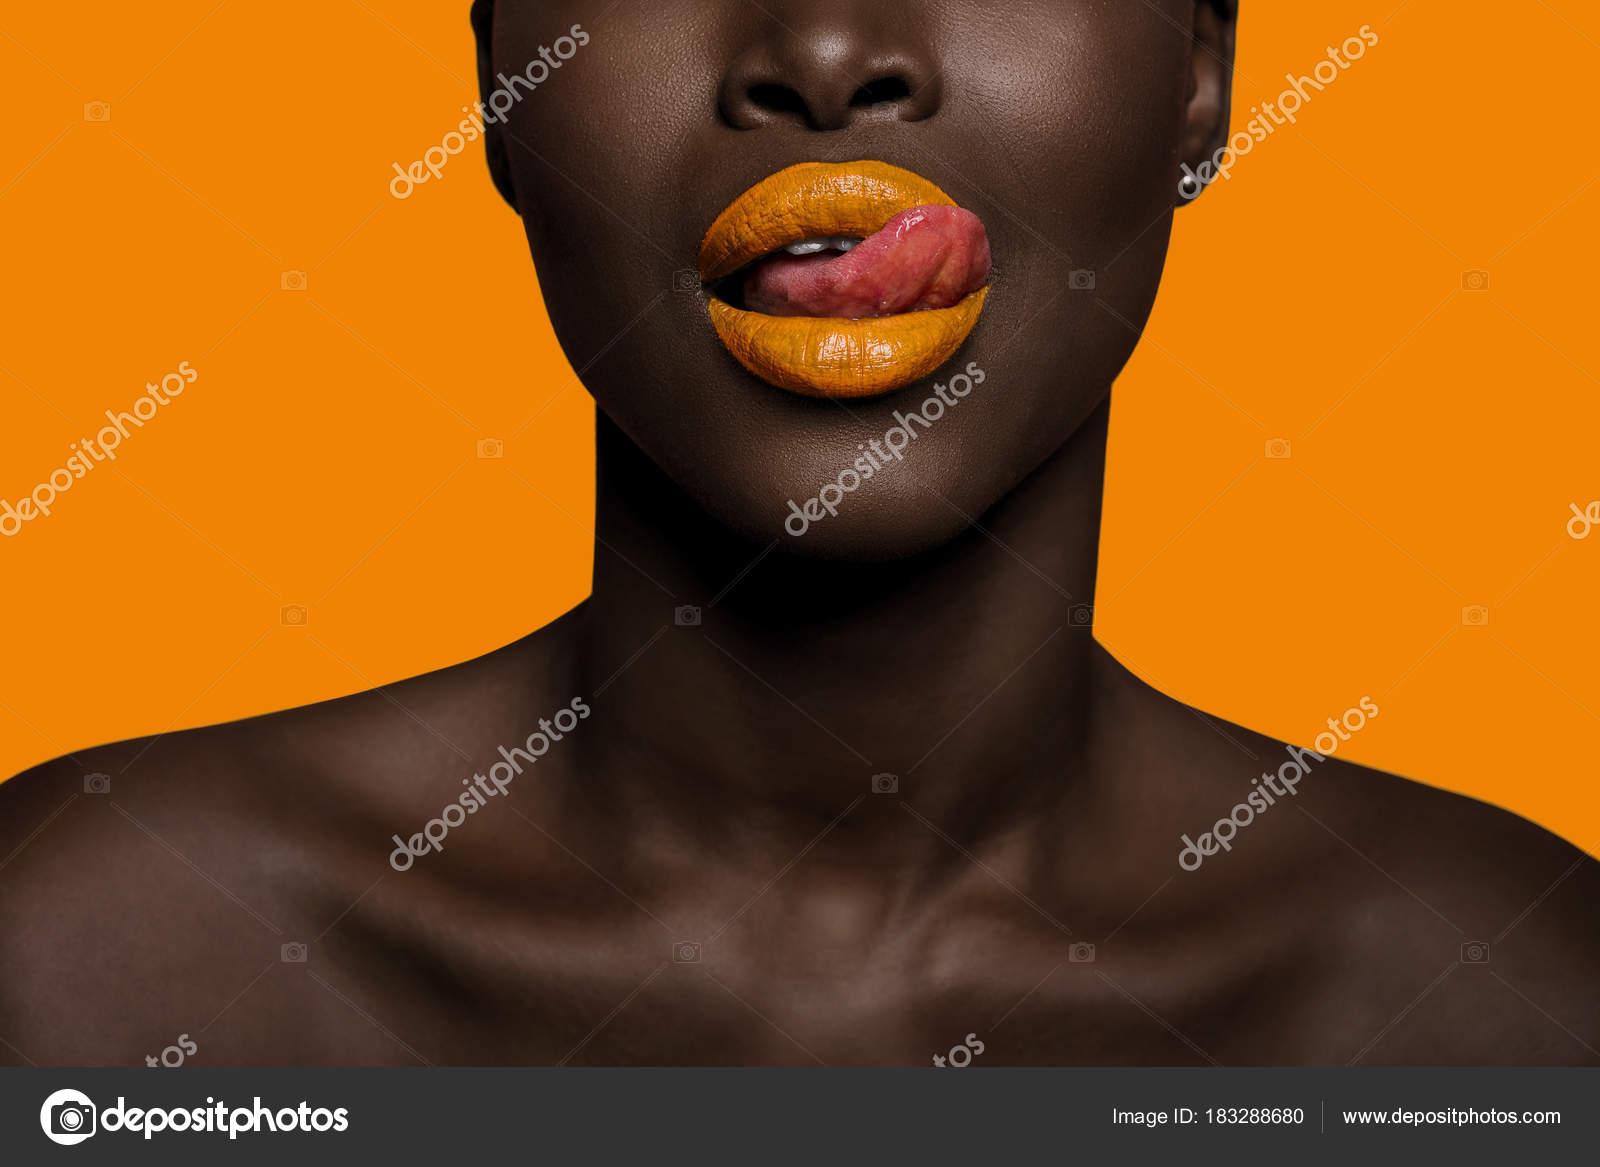 Concept De Couleurs Avec La Bouche De La Femme Afro Peau